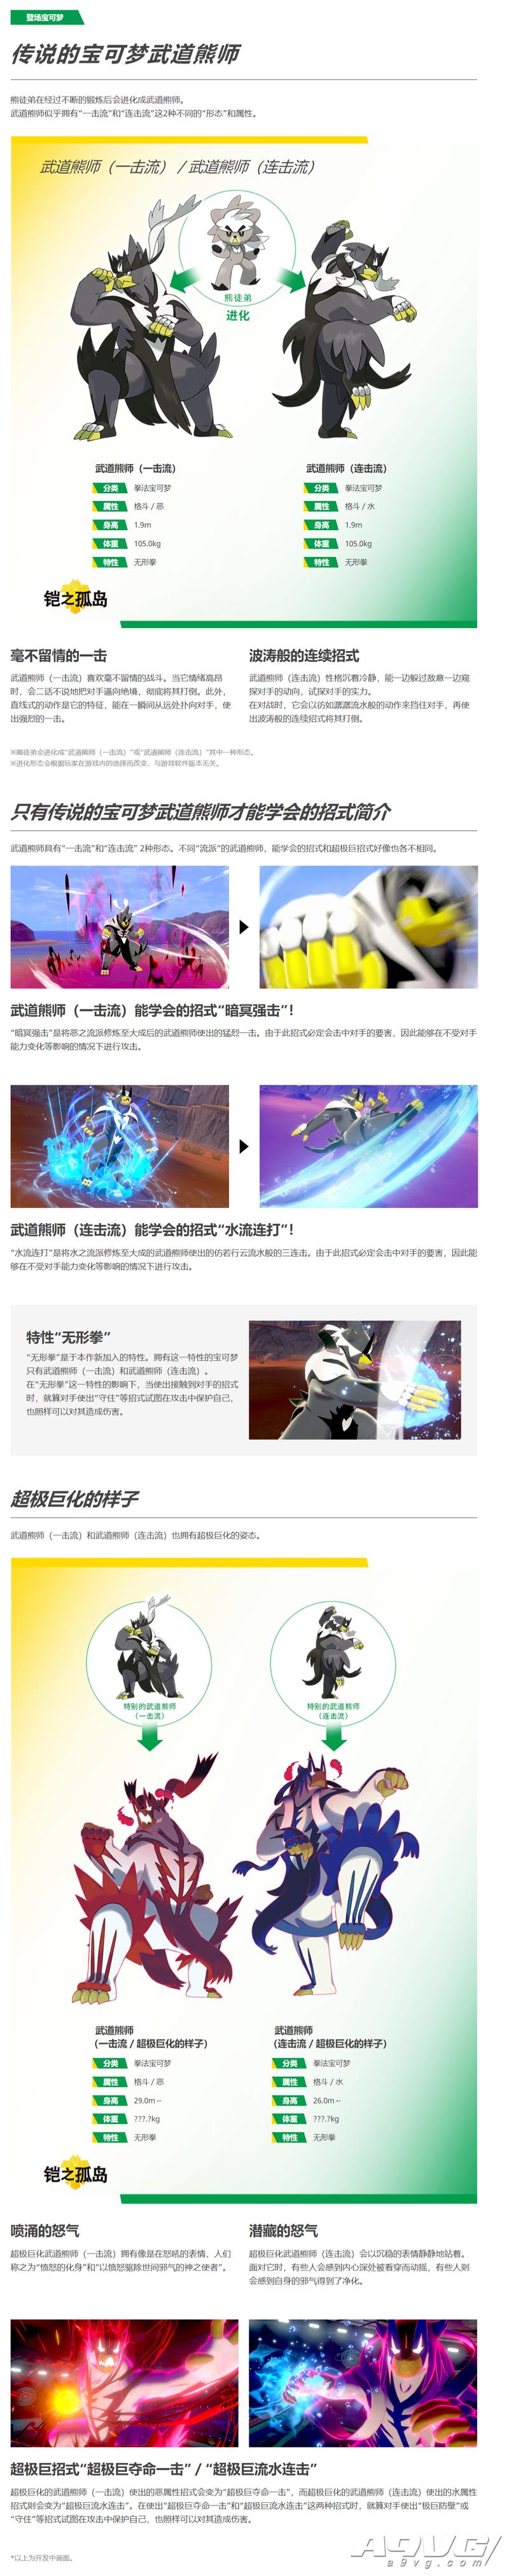 《寶可夢 劍/盾》擴展票最新影像公開 第一彈將于6月17日推出